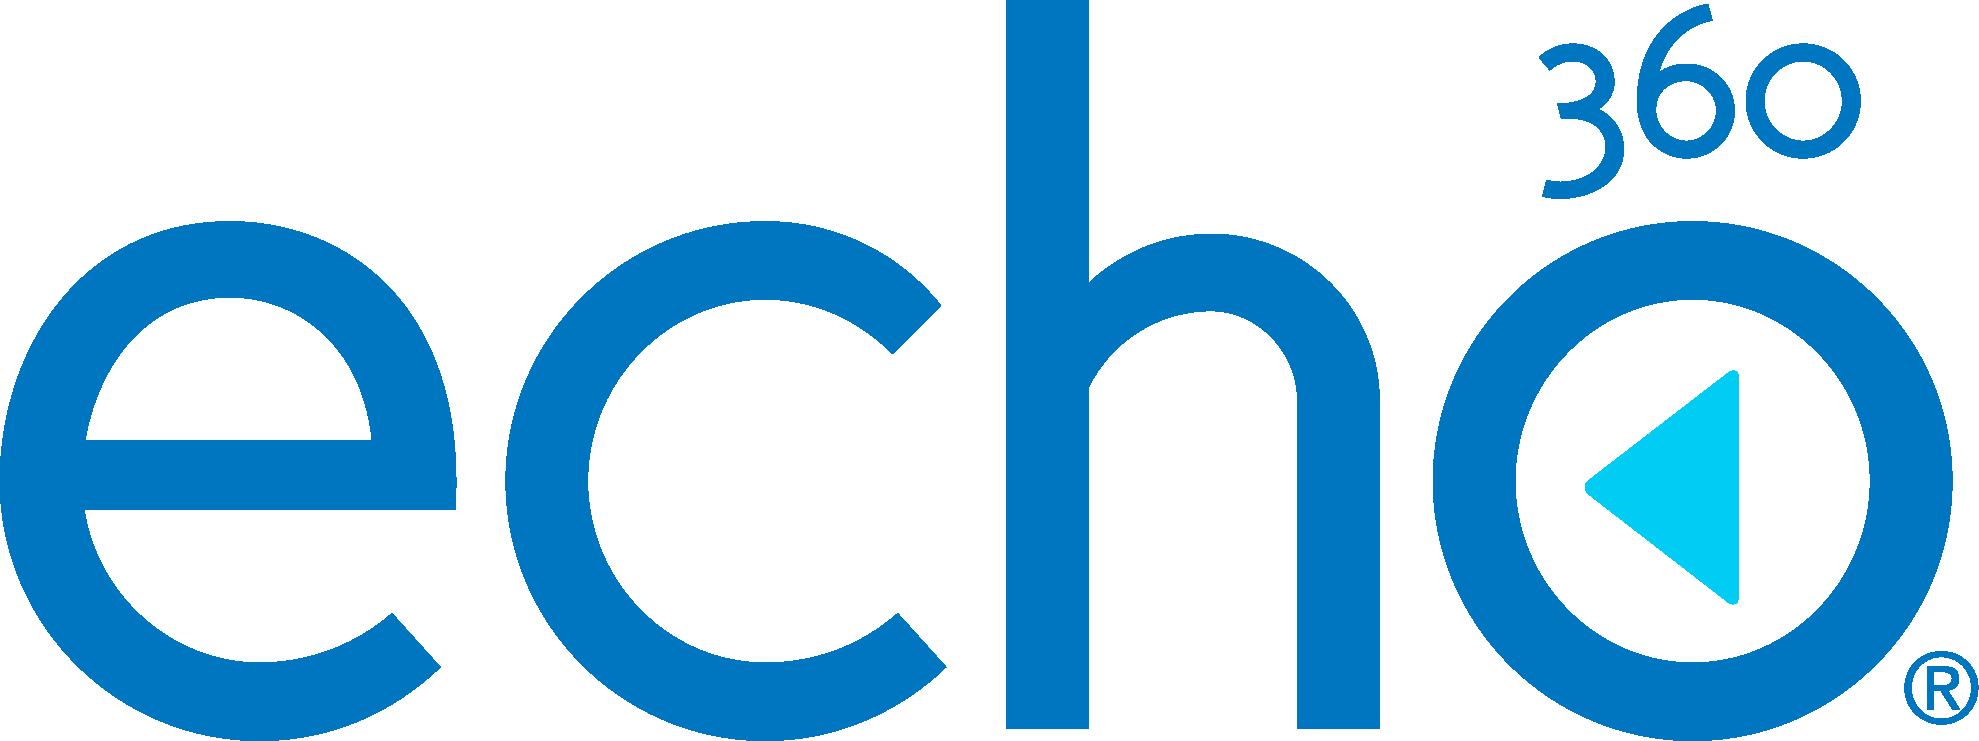 echo360 logo